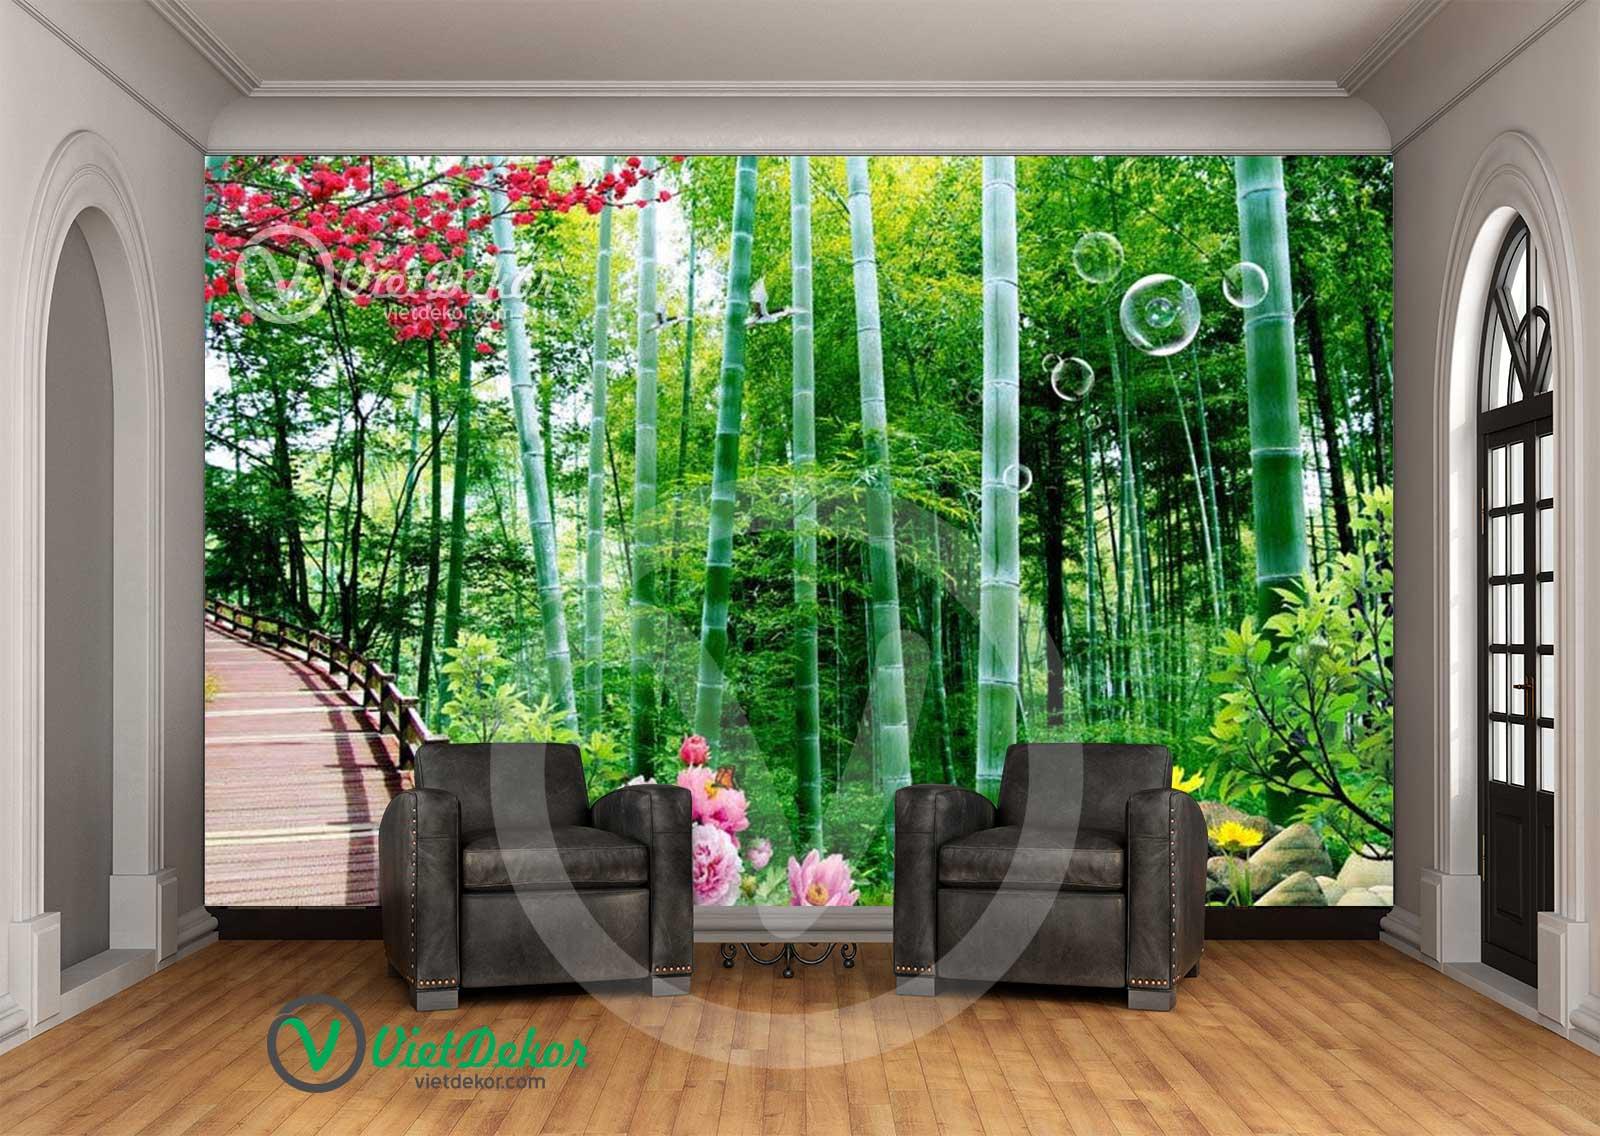 Tranh dán tường rừng trúc đẹp